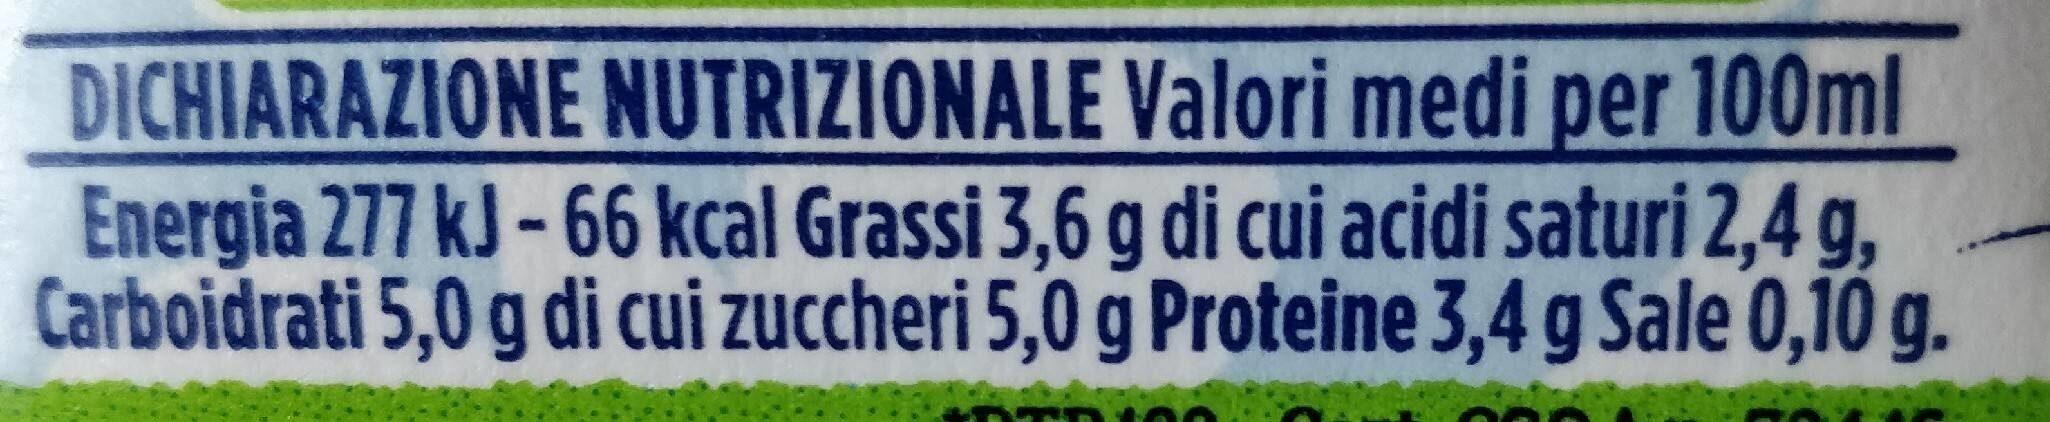 Latte fresco alta qualità - Nutrition facts - it